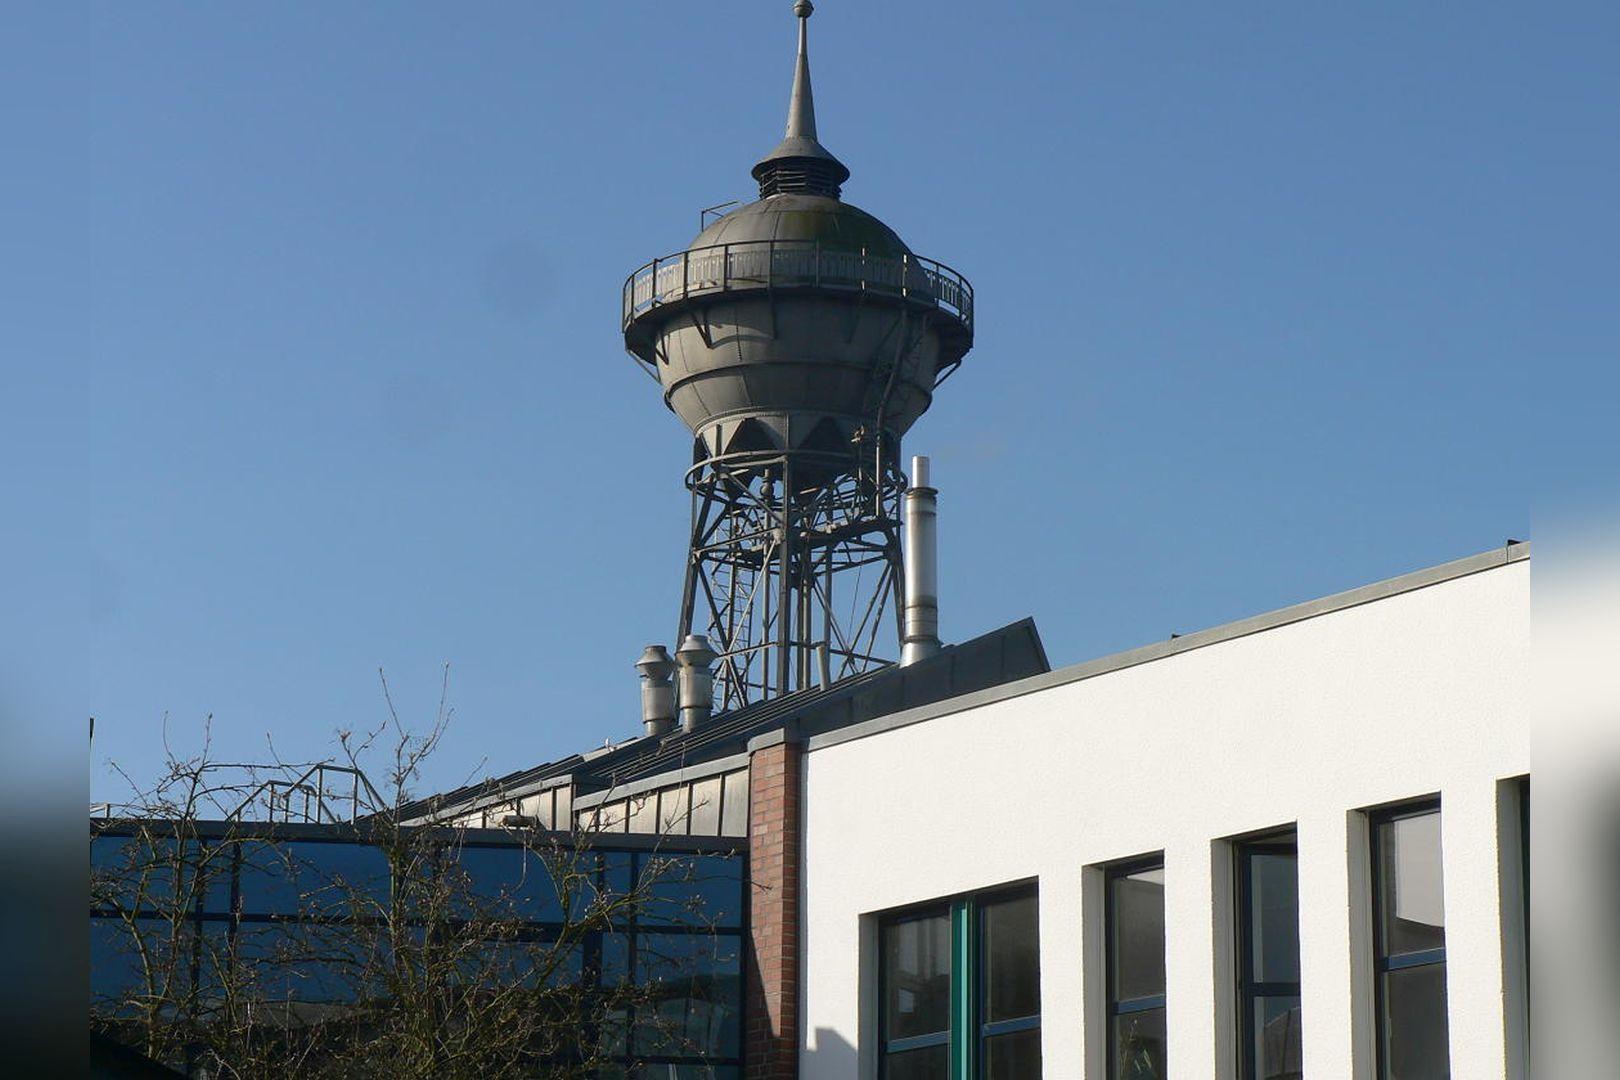 Immobilie Nr.0200 | Am Wasserturm 4-6, 40668 Meerbusch - Lank